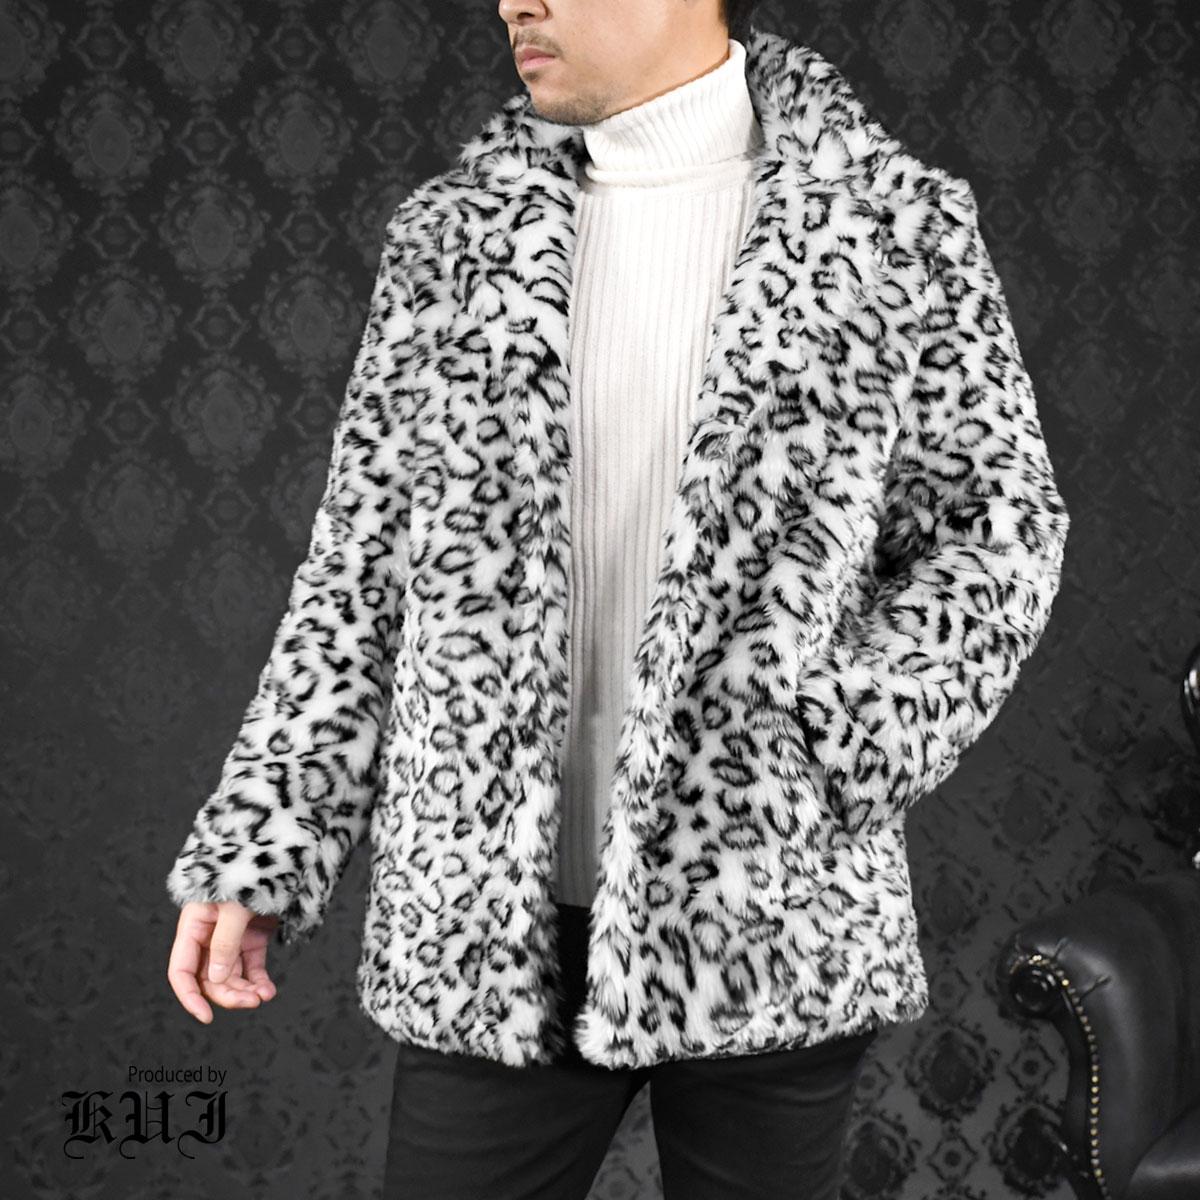 ファージャケット ヒョウ 豹柄 メンズ フェイクファー アウター テーラードジャケット mens(グレー灰レオパード豹柄)